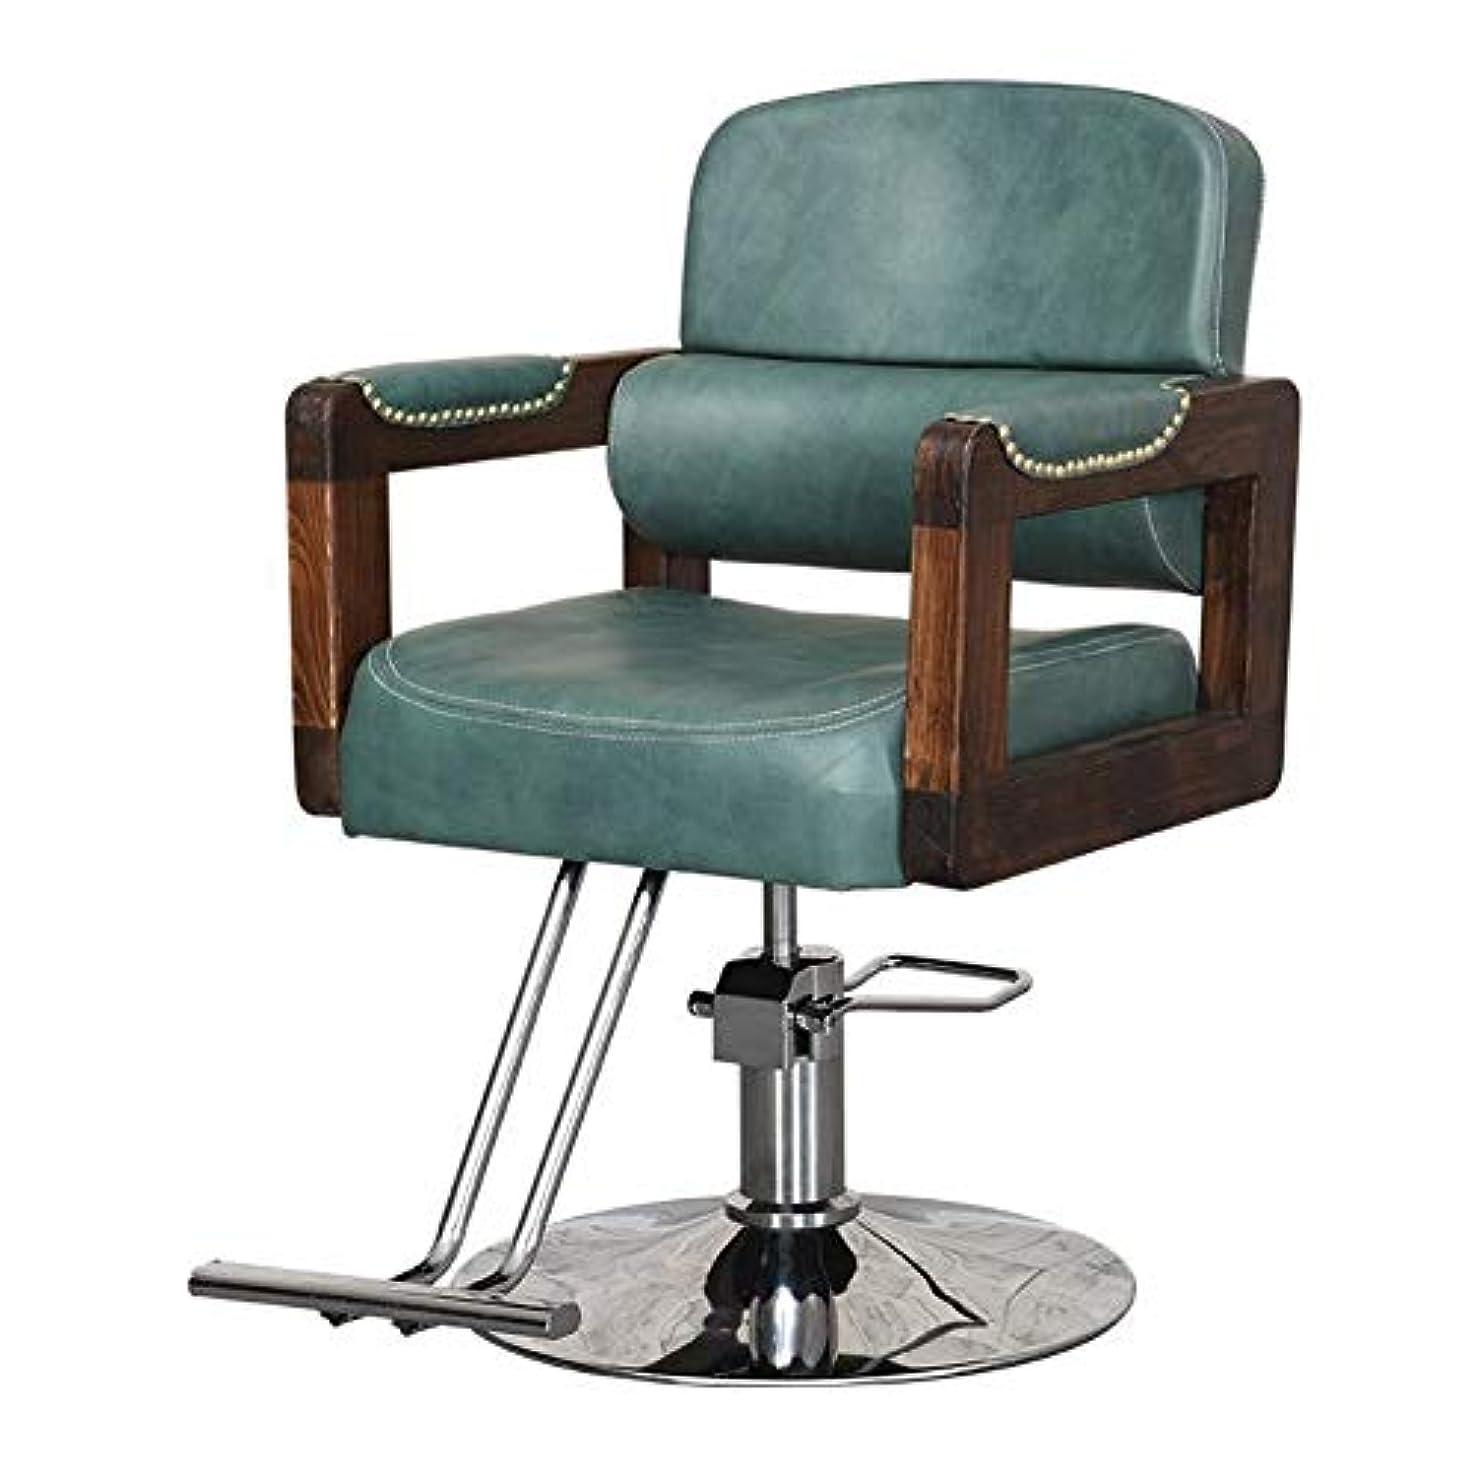 外出ロバ恋人サロンの椅子は専門の油圧理髪店の椅子の大広間の美容院の鉱泉のモデリングチェアの円形の基盤を持ち上げるために回すことができます,Brown,B